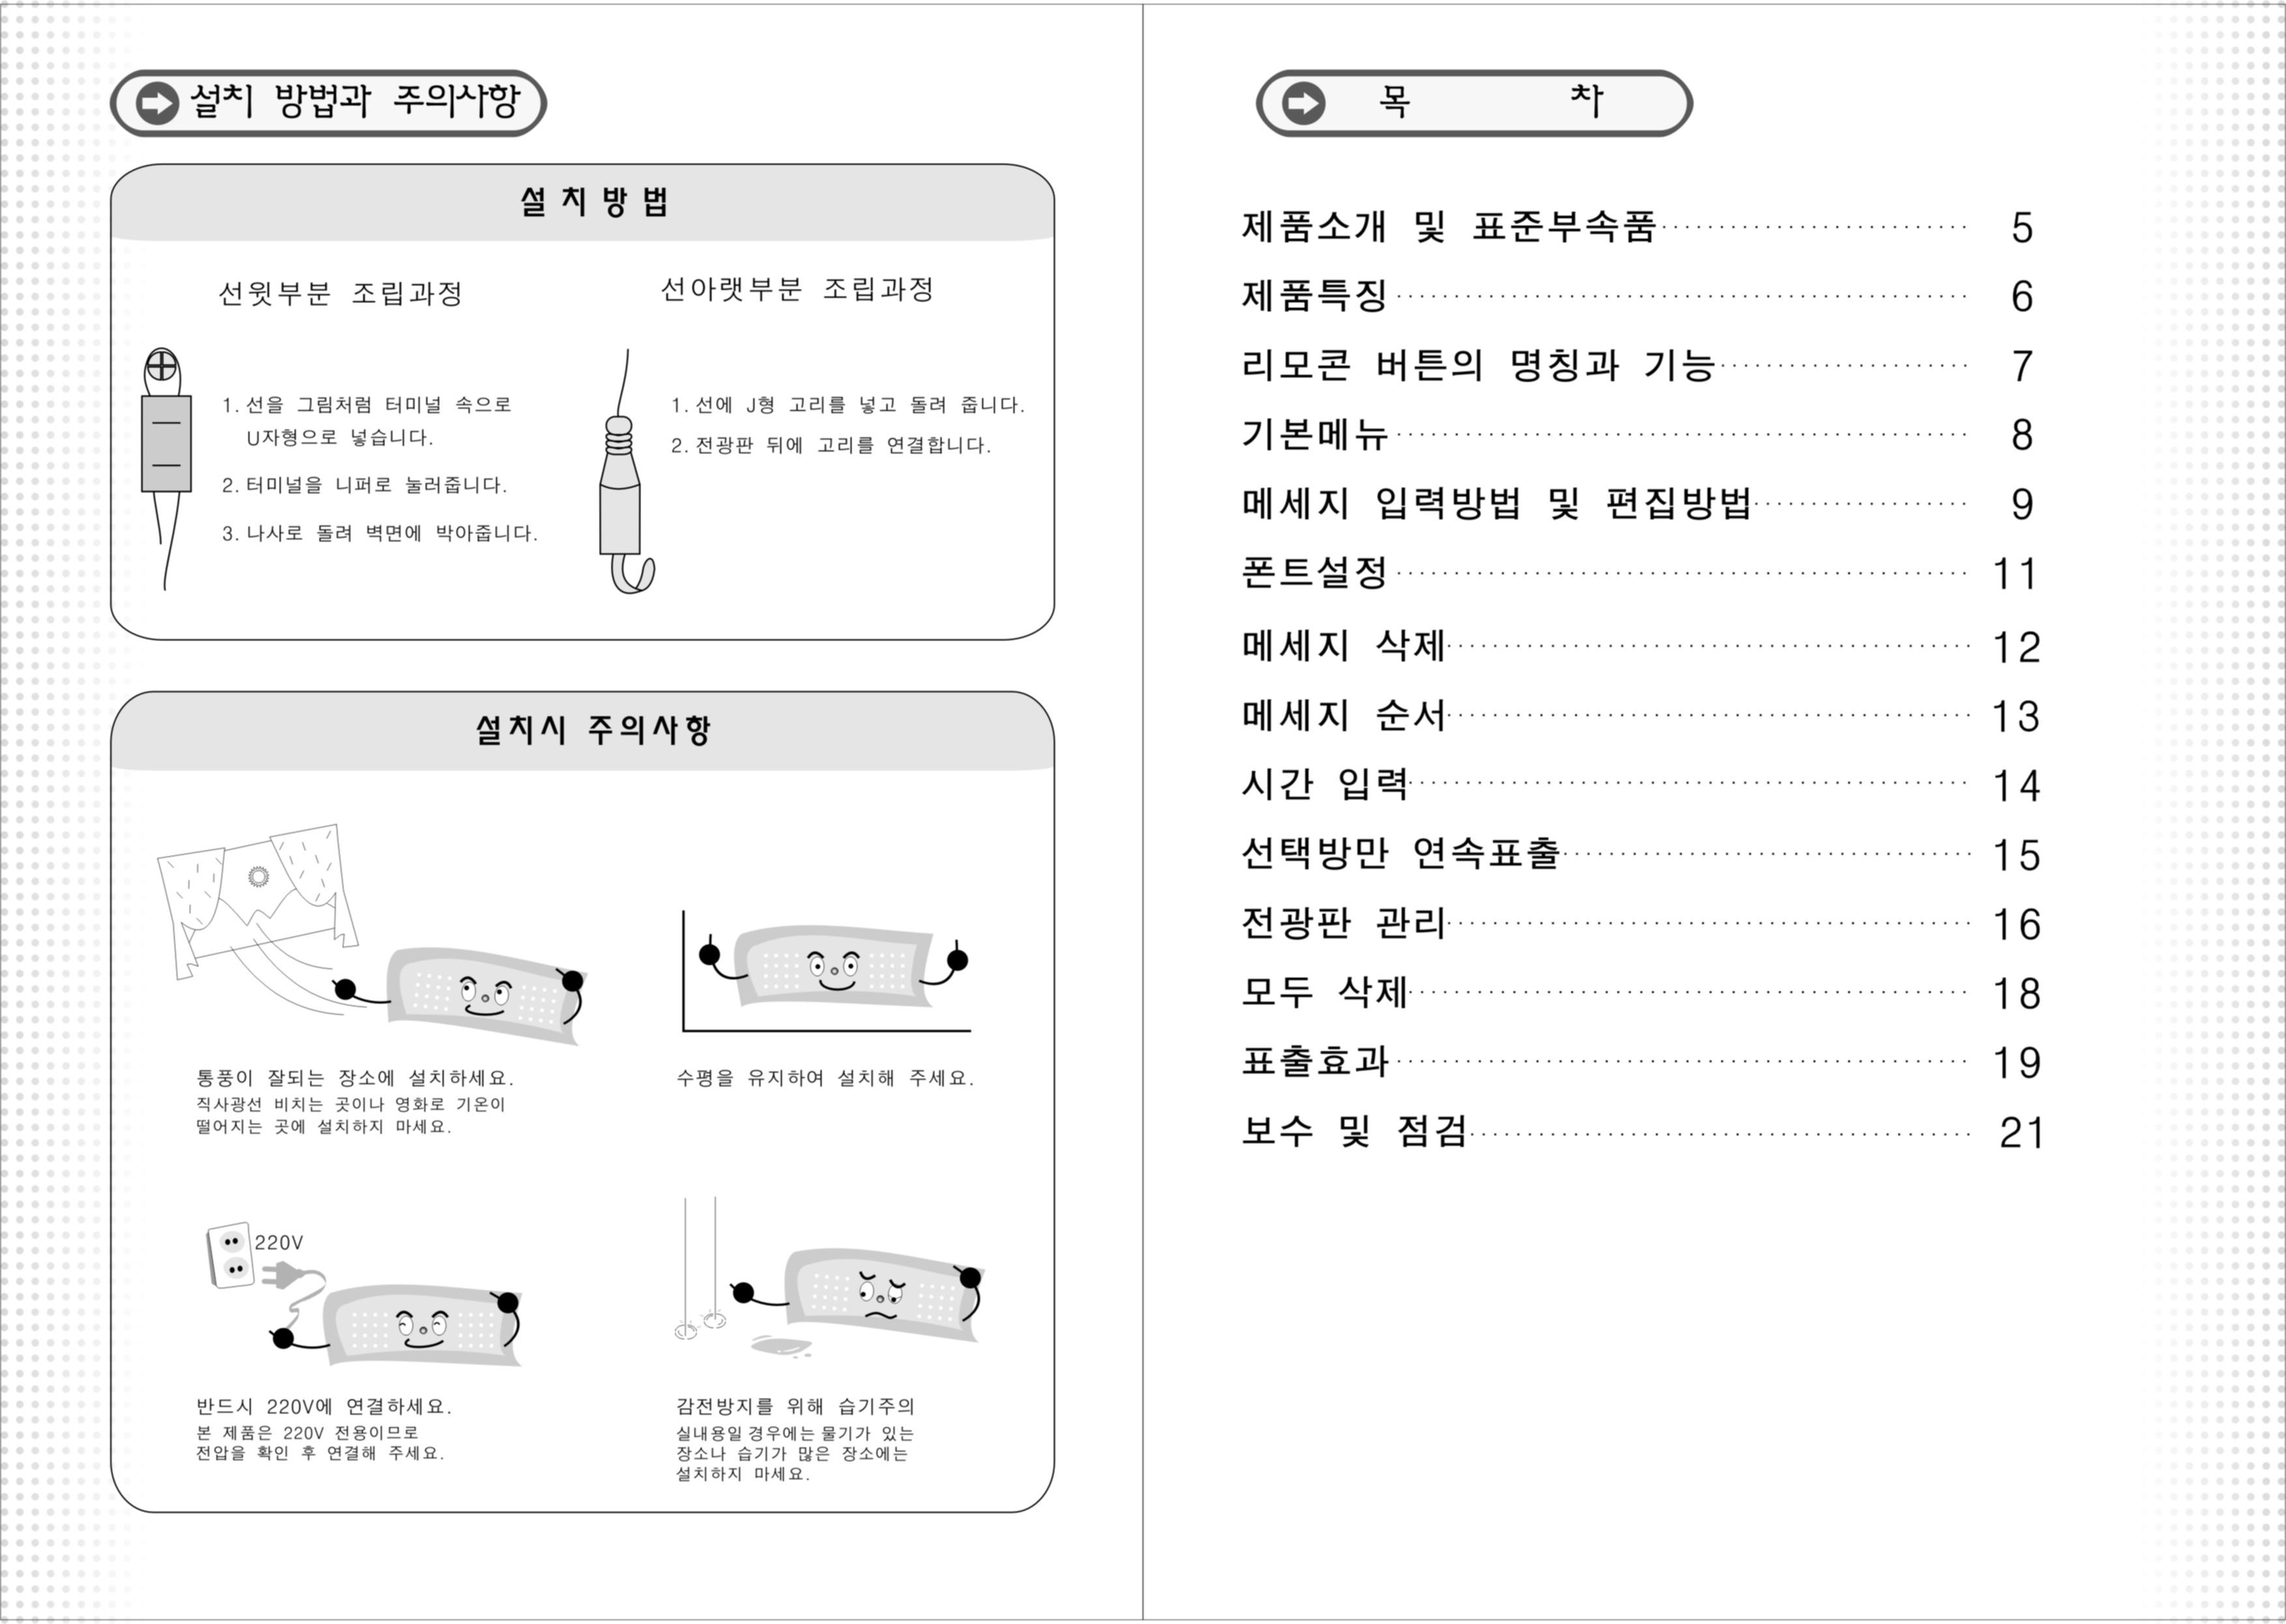 진영정보통신_사용 설명서 (3).jpg